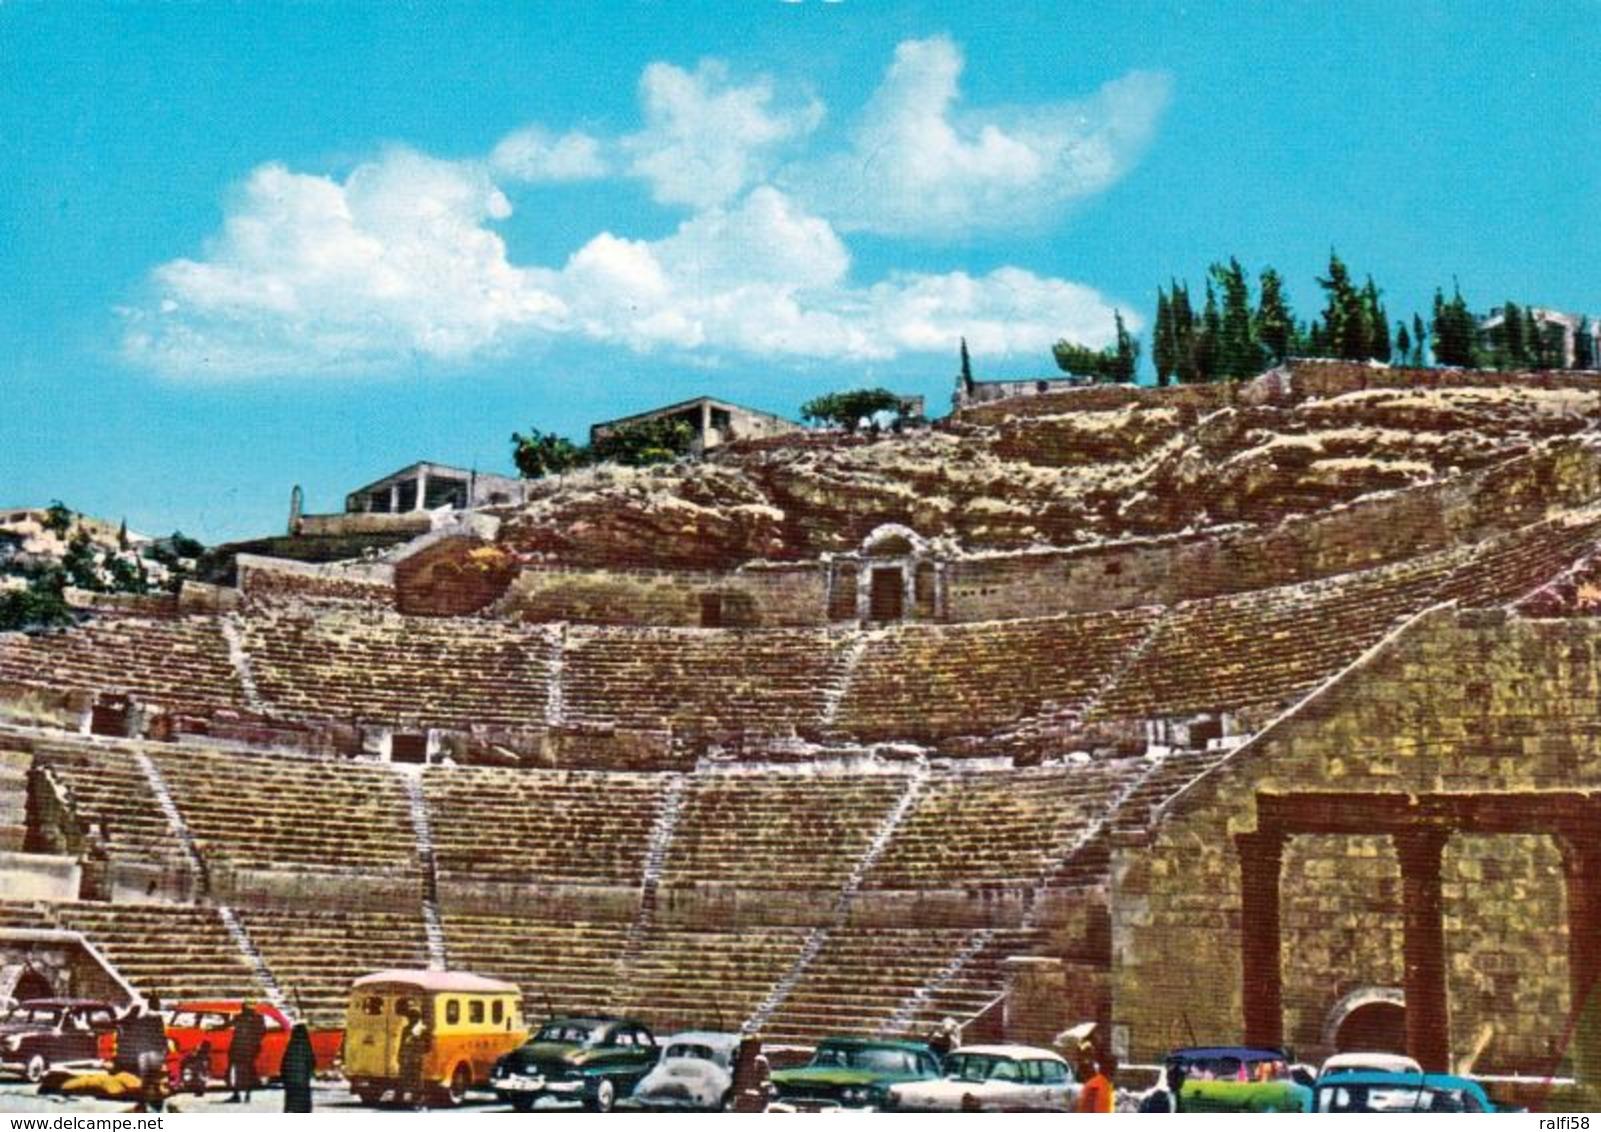 1 AK Jordanien Jordan * Das Antike Römische Theater - Erbaut Von 130 Bis 160 Nach Chr. In Der Hauptstadt Amman * - Jordanien